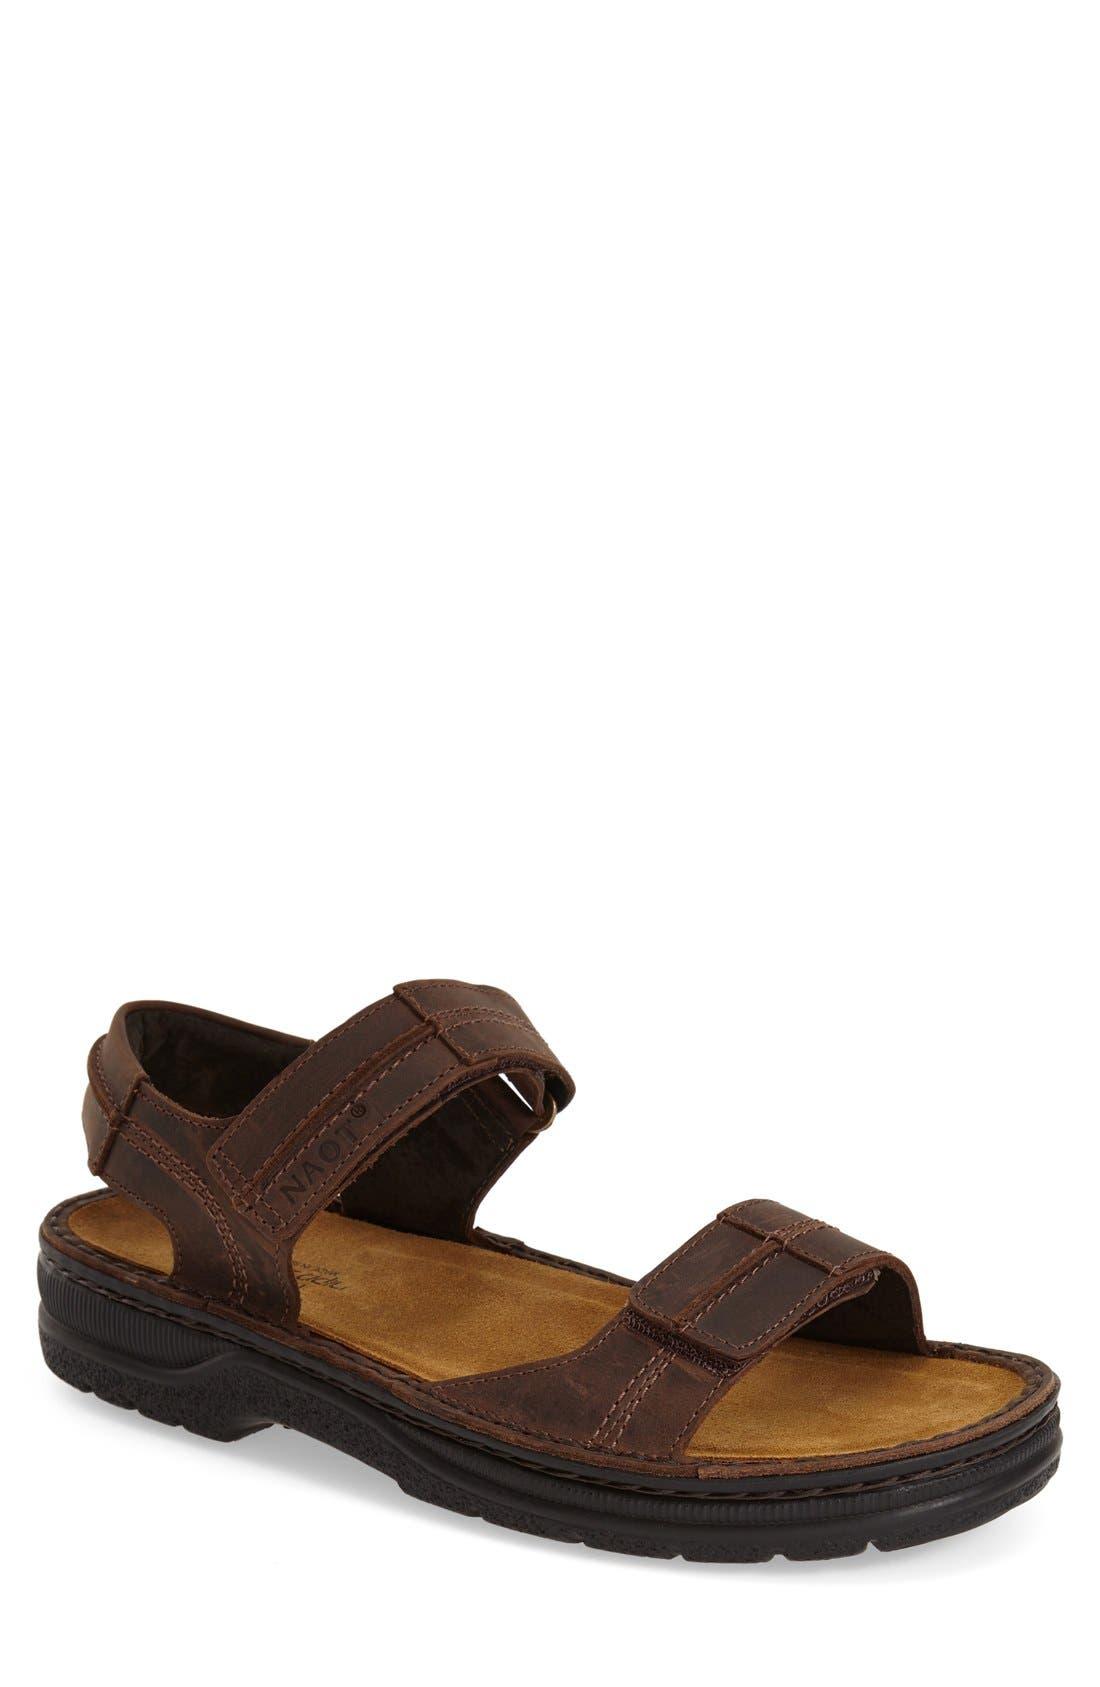 Balkan Sandal,                         Main,                         color, Brown Leather